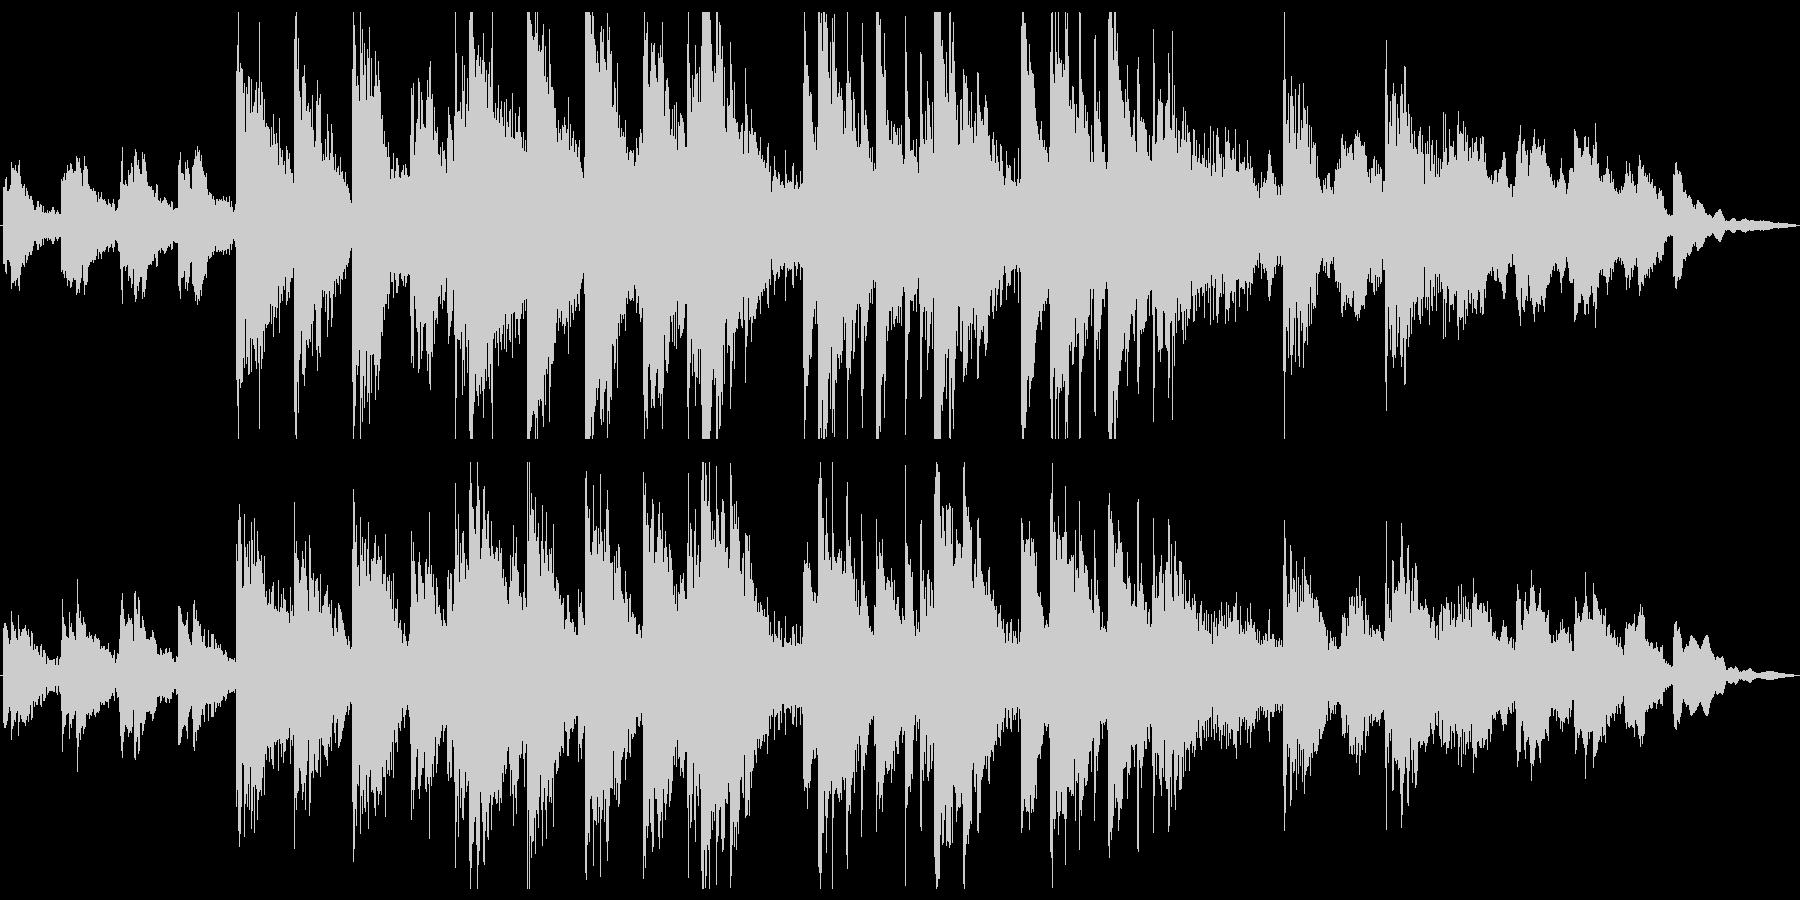 悲しく重々しいホラーやサスペンス風ピアノの未再生の波形